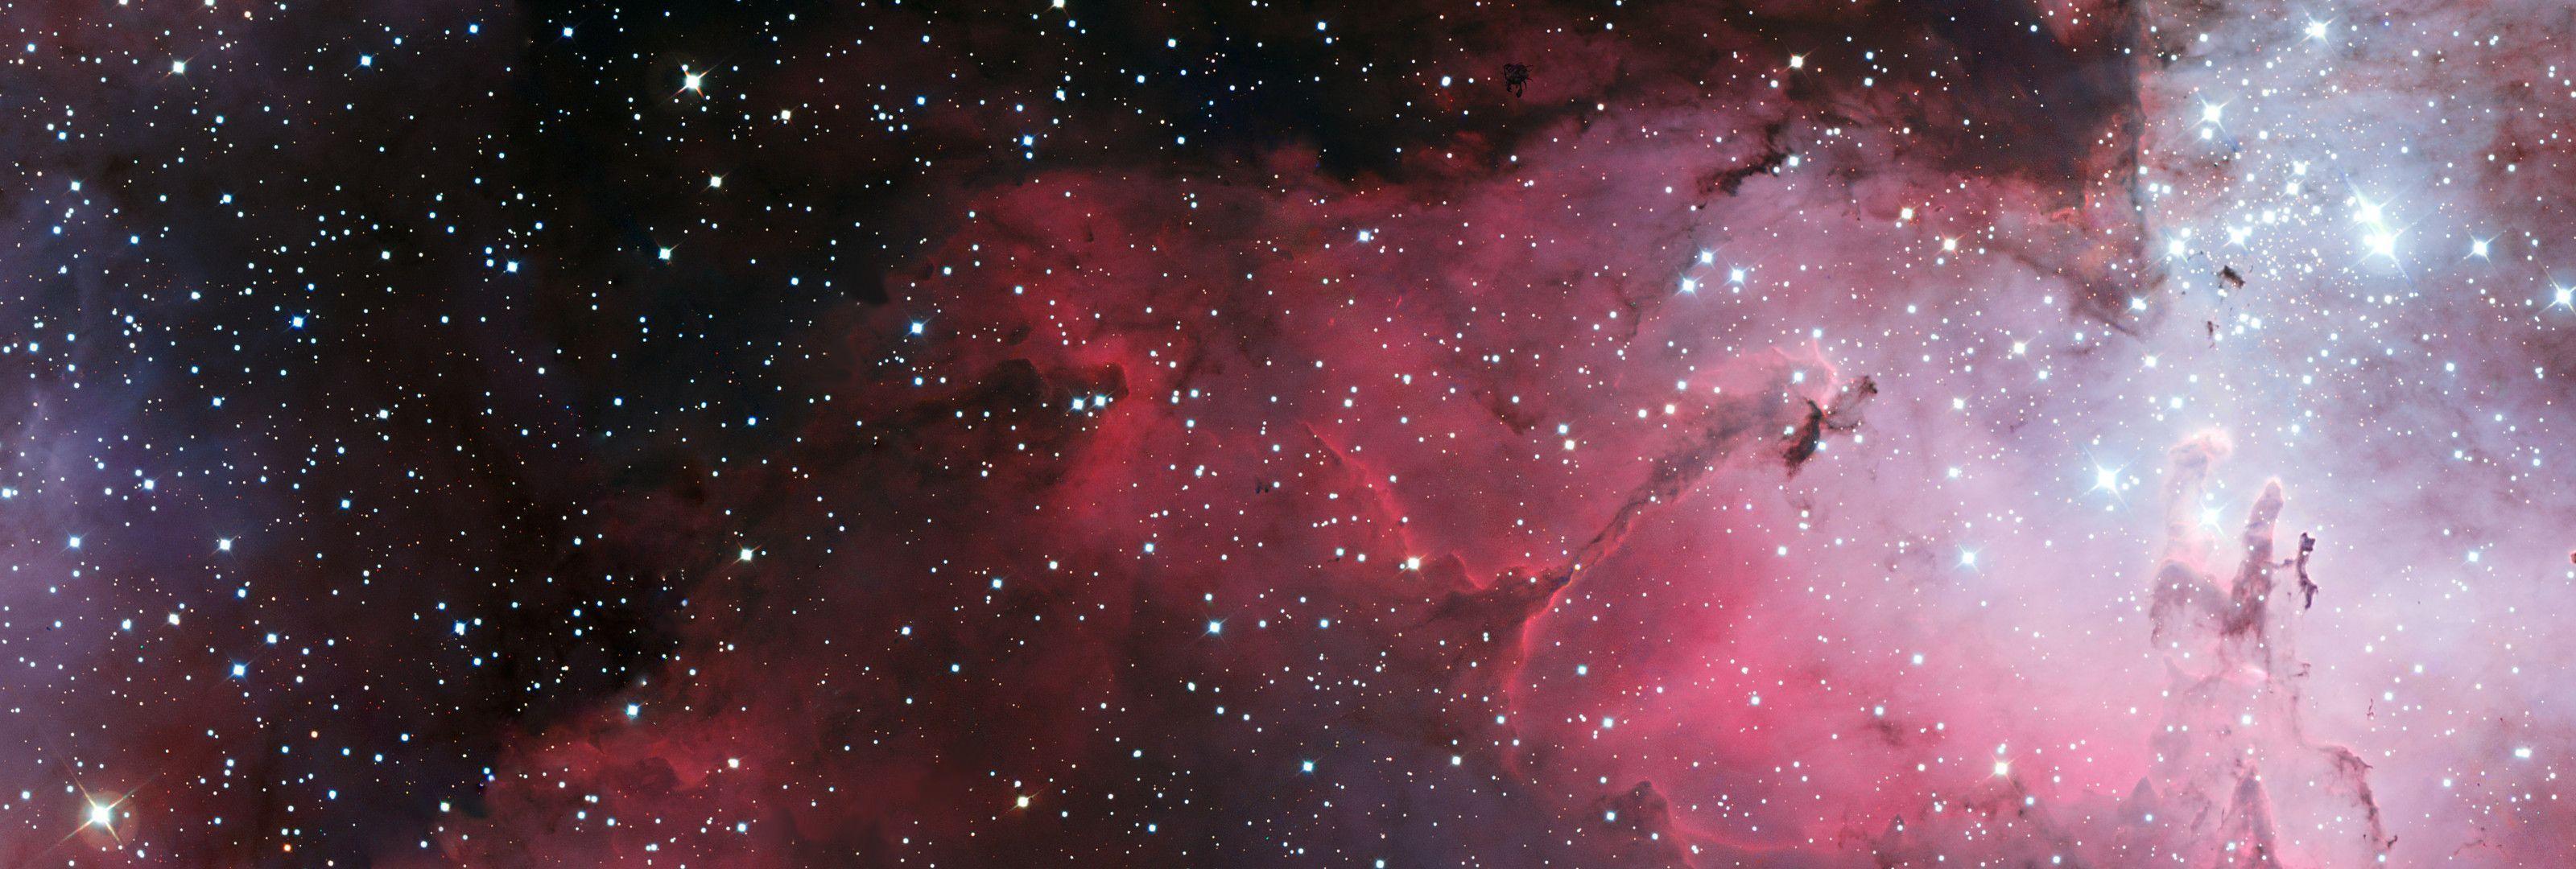 eagle nebula wallpaper - photo #12